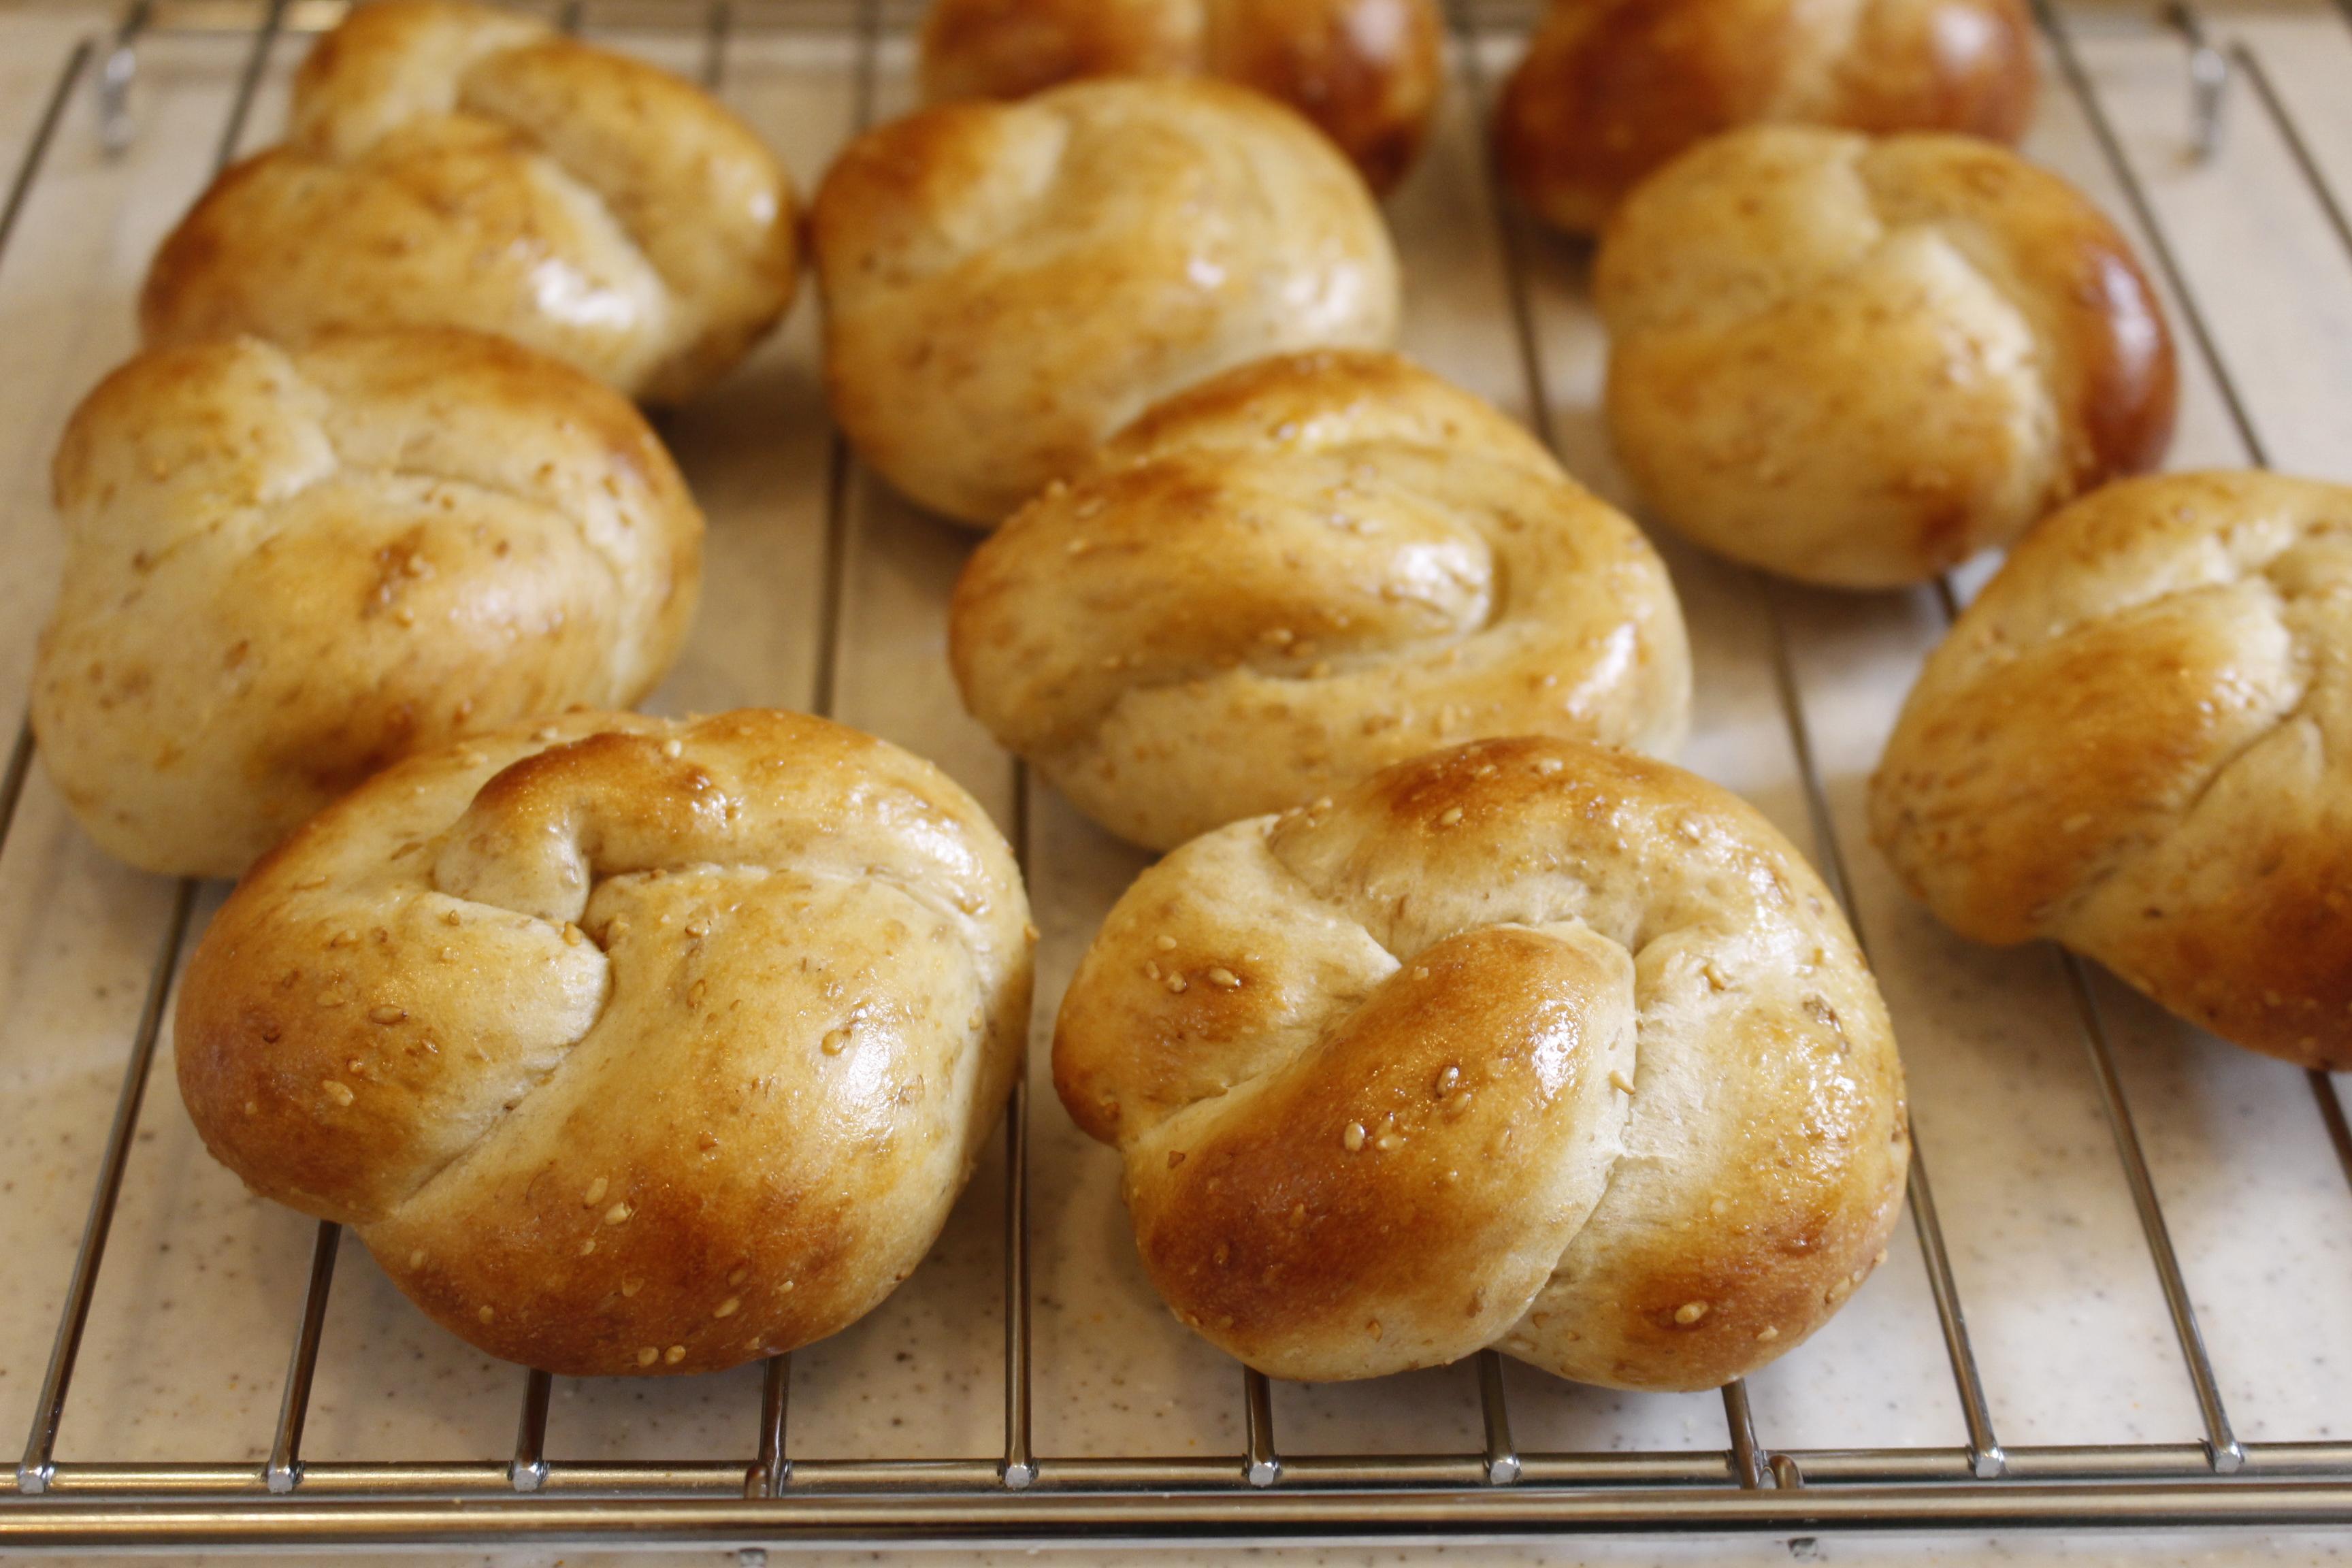 a-ta-sante糖質制限パン料理教室。阿倍野区。桃ヶ池町。a-ta-sant'e.京都江部粉糖質オフパン。コンプリートコースパート1。低糖質ロールパン。「糖質オフパンがここまで美味しくつくれる秘密!」低糖食コーディネーター。利野郁枝。a-ta-sante糖質制限パン料理教室。阿倍野区。桃ヶ池町。a-ta-sant'e.京都江部粉糖質オフパン。2020.6.26。コンプリートコースパート2。低糖質ロールパン。低糖食コーディネーター。利野郁枝。